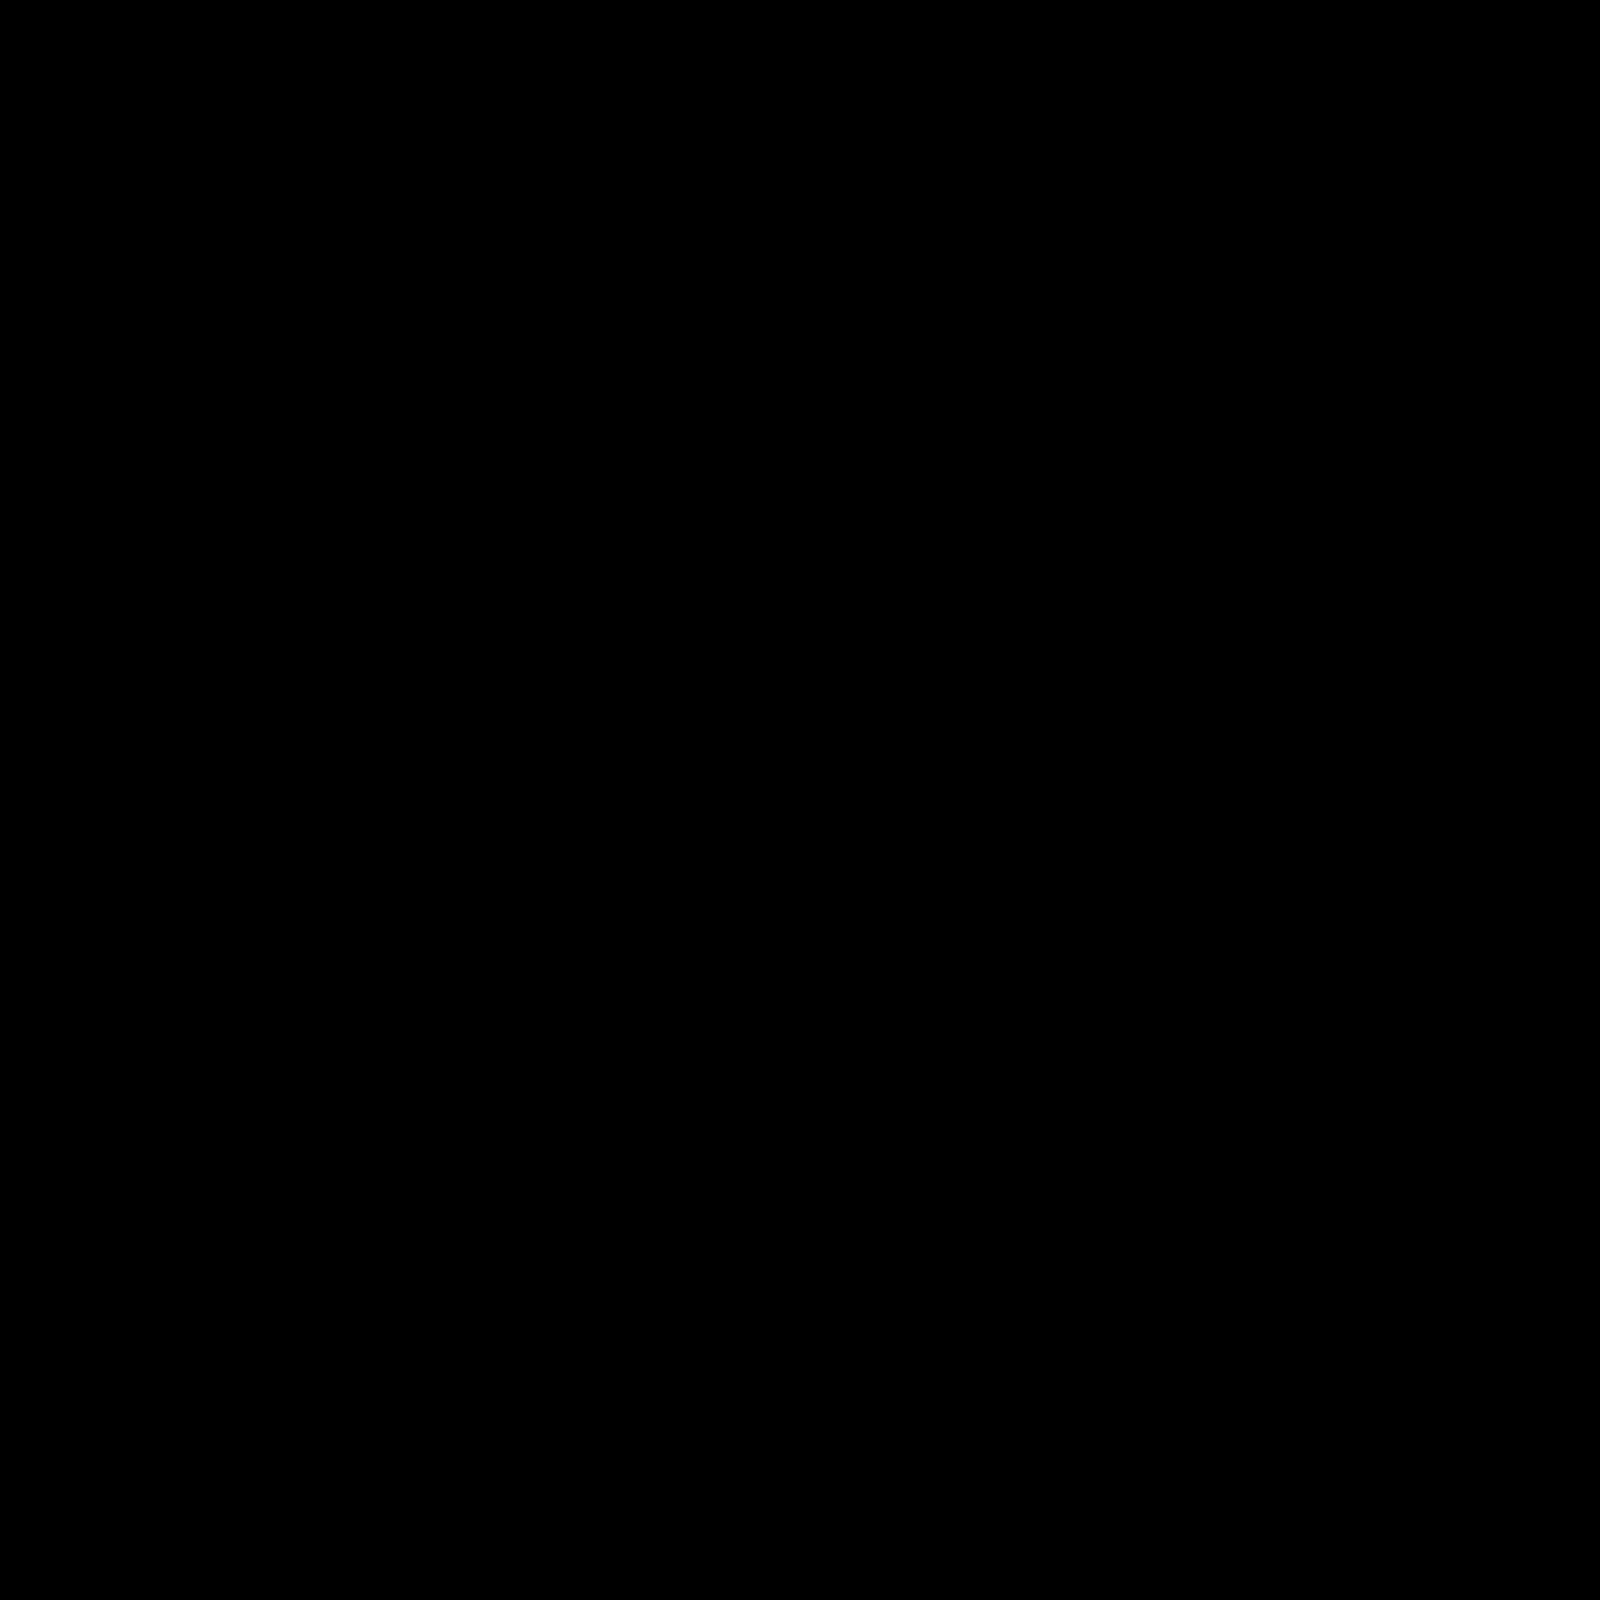 Бух icon